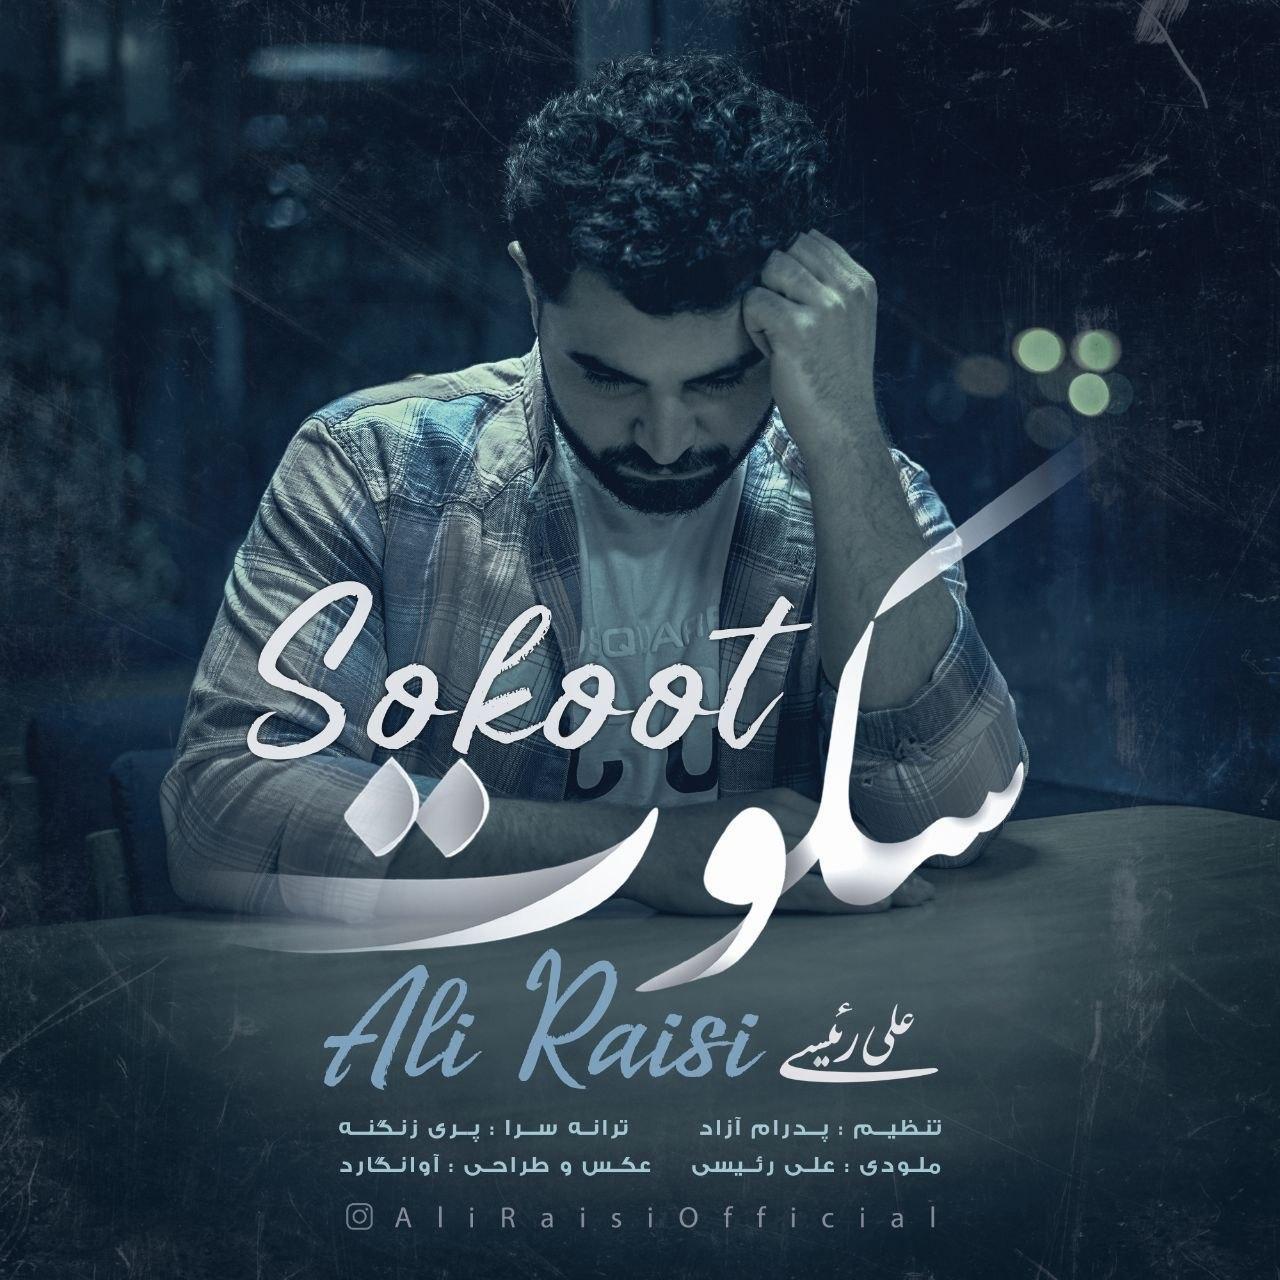 Ali Raisi – Sokoot